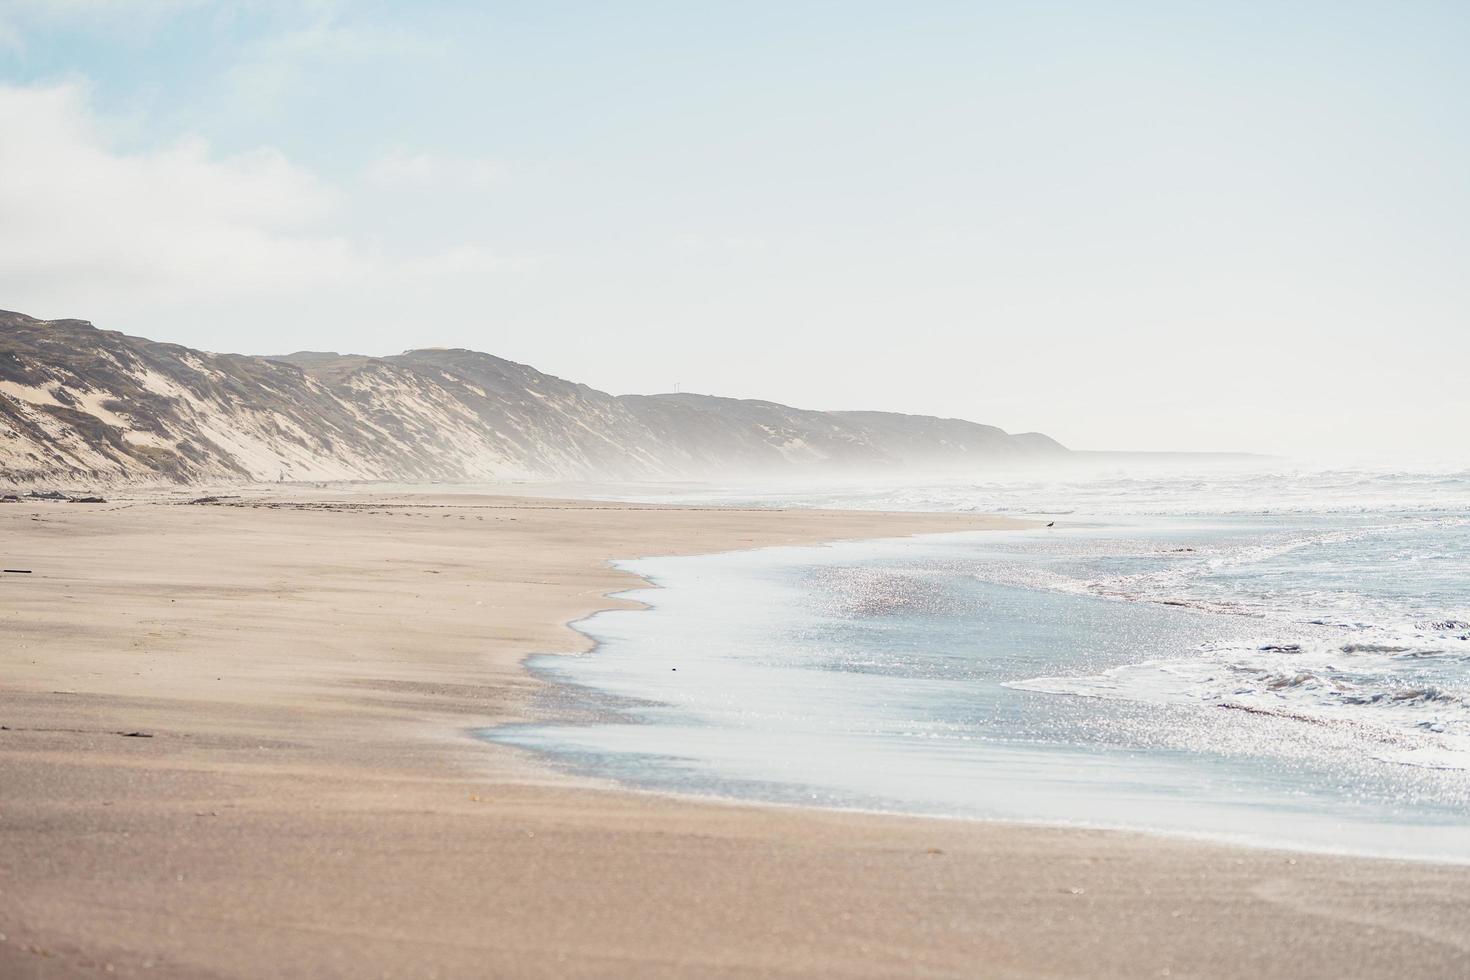 playa brumosa durante el día foto